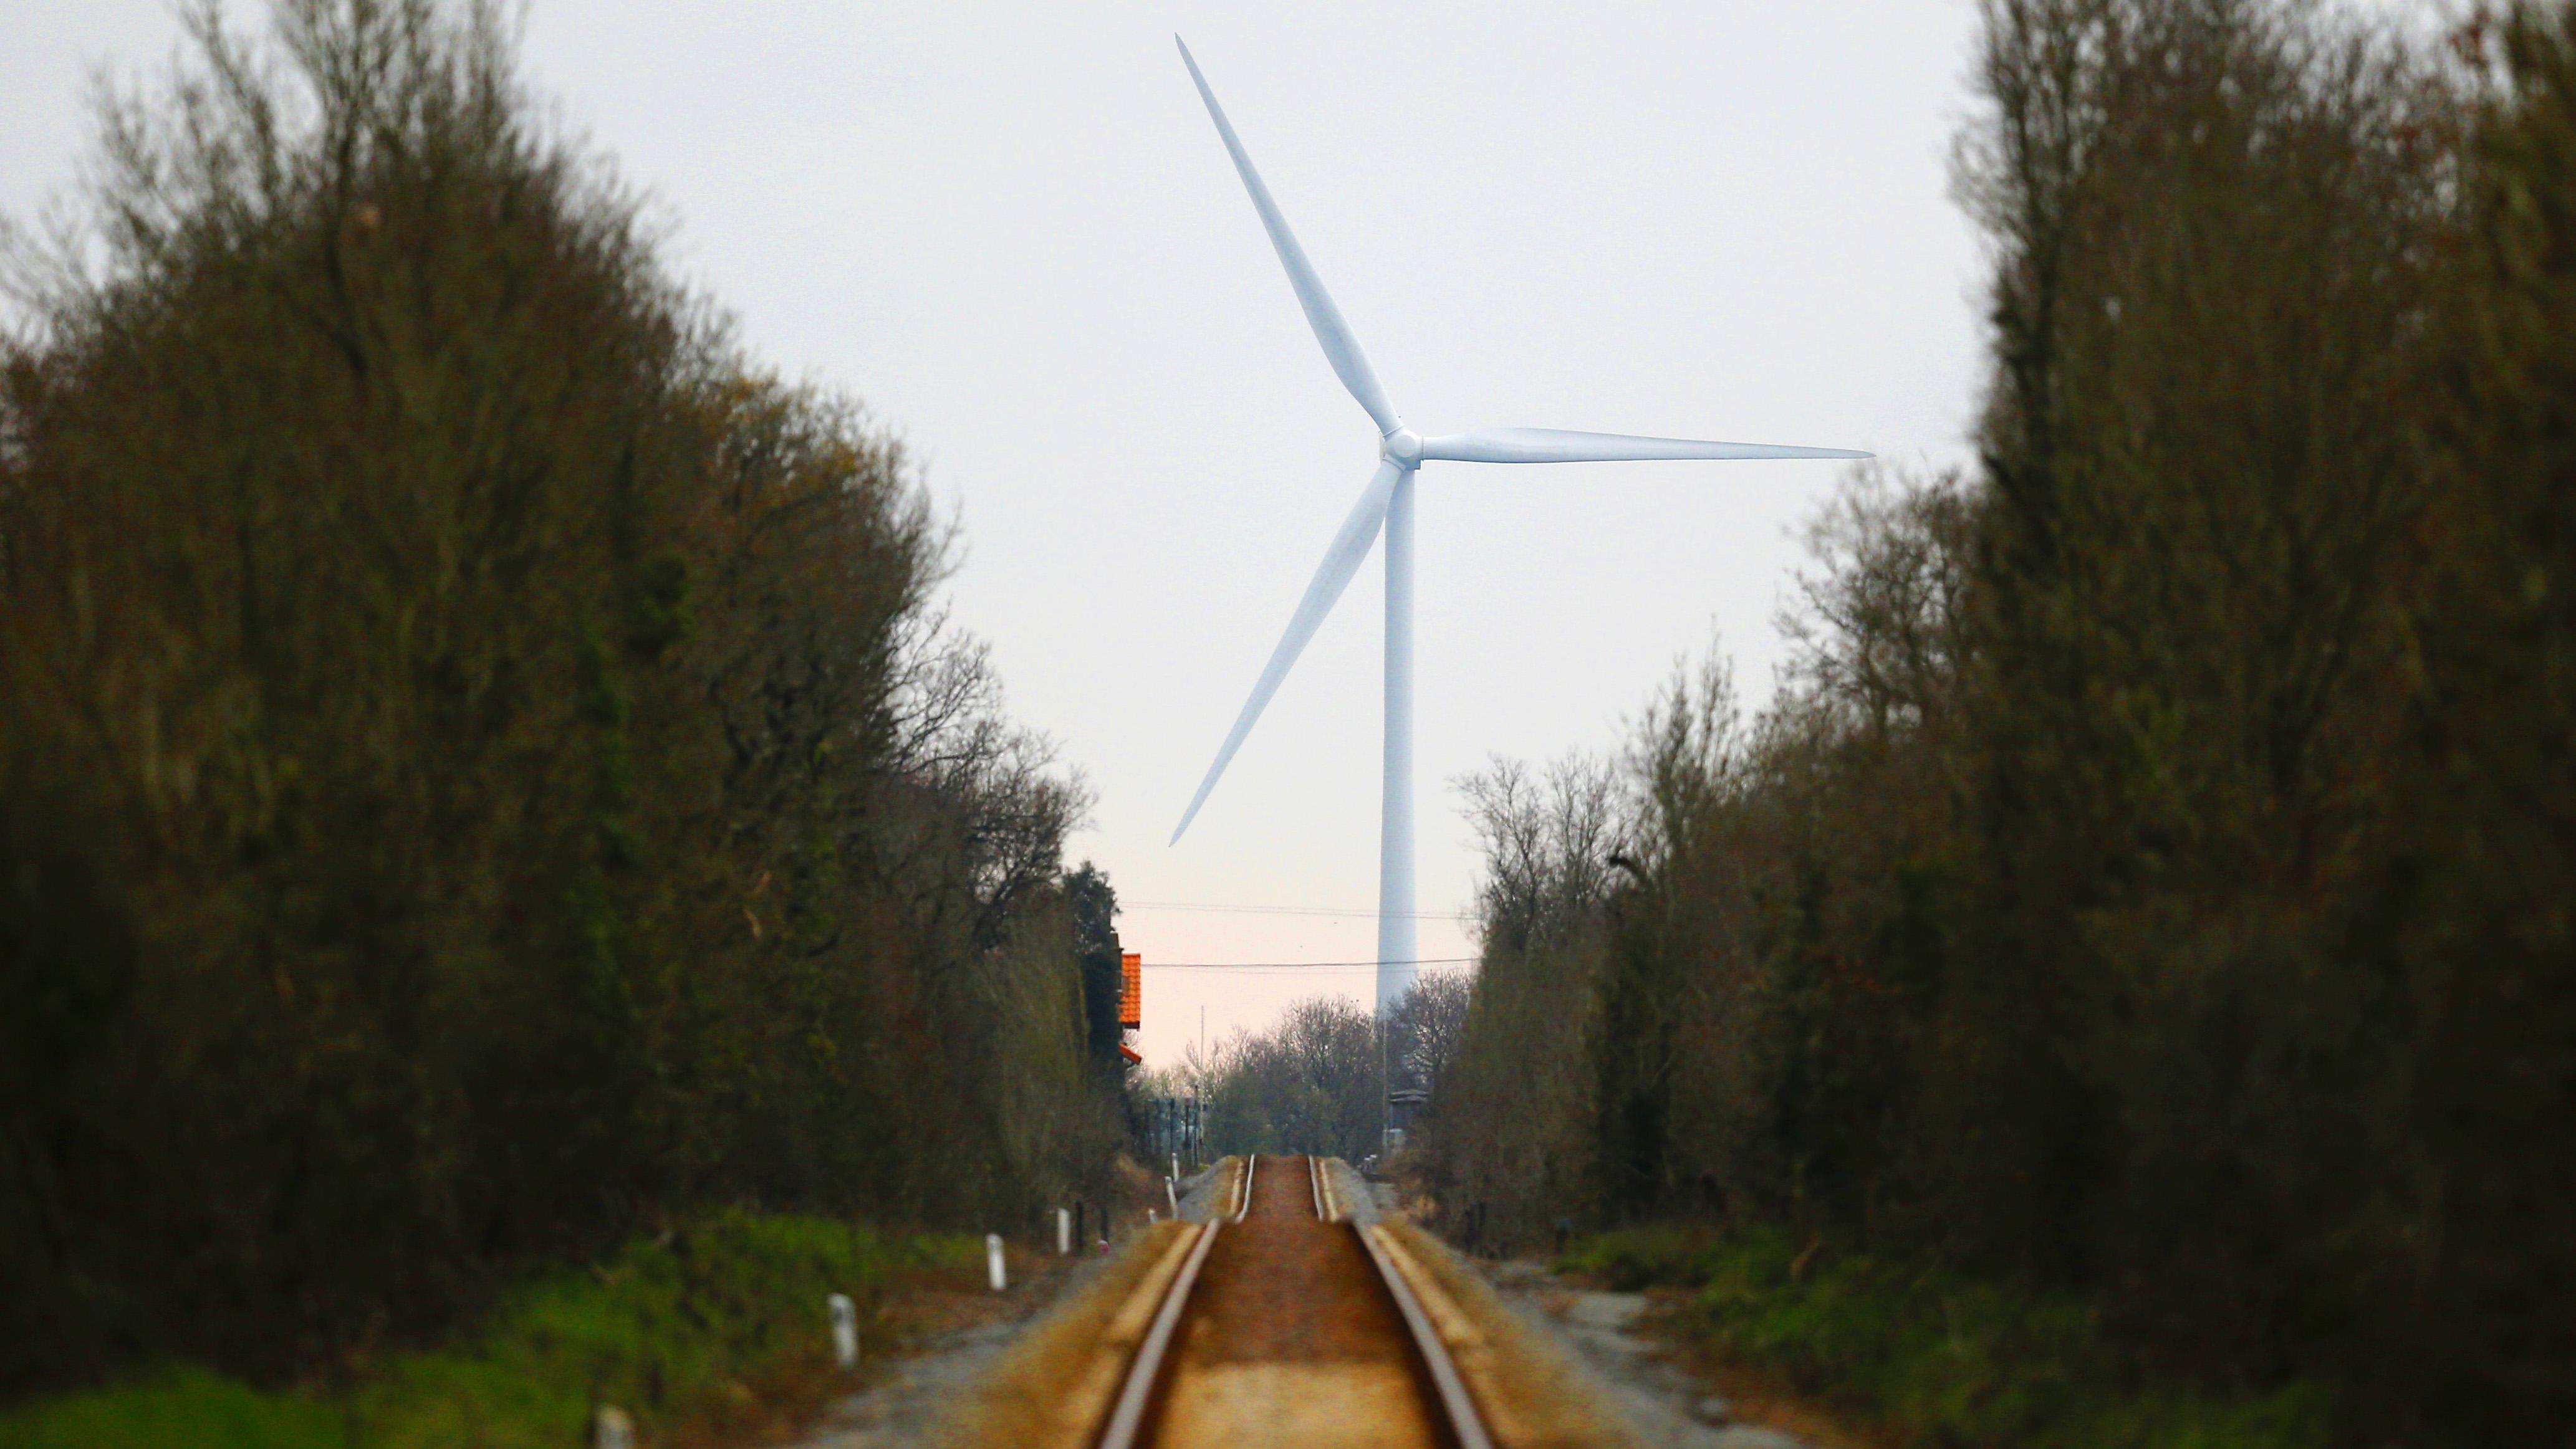 A wind turbine is seen near railway tracks field in Bourgneuf-en-Retz, France, March 10, 2016. REUTERS/Stephane Mahe  - RTSA8JM